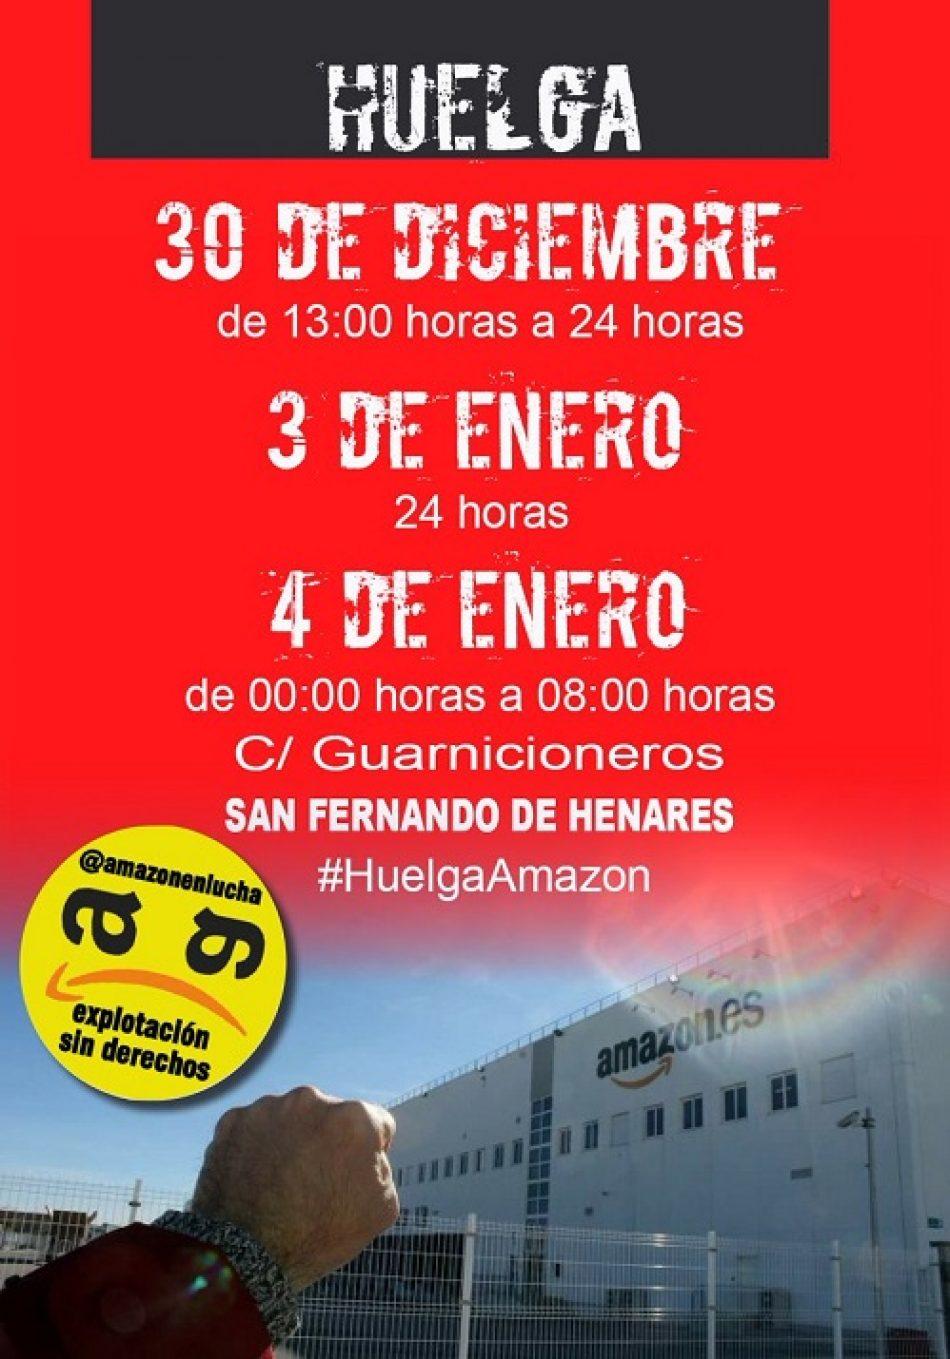 Amazon obligará a parte de su plantilla en San Fernando de Henares a trabajar el tradicional 6 de enero, día de los Reyes Magos